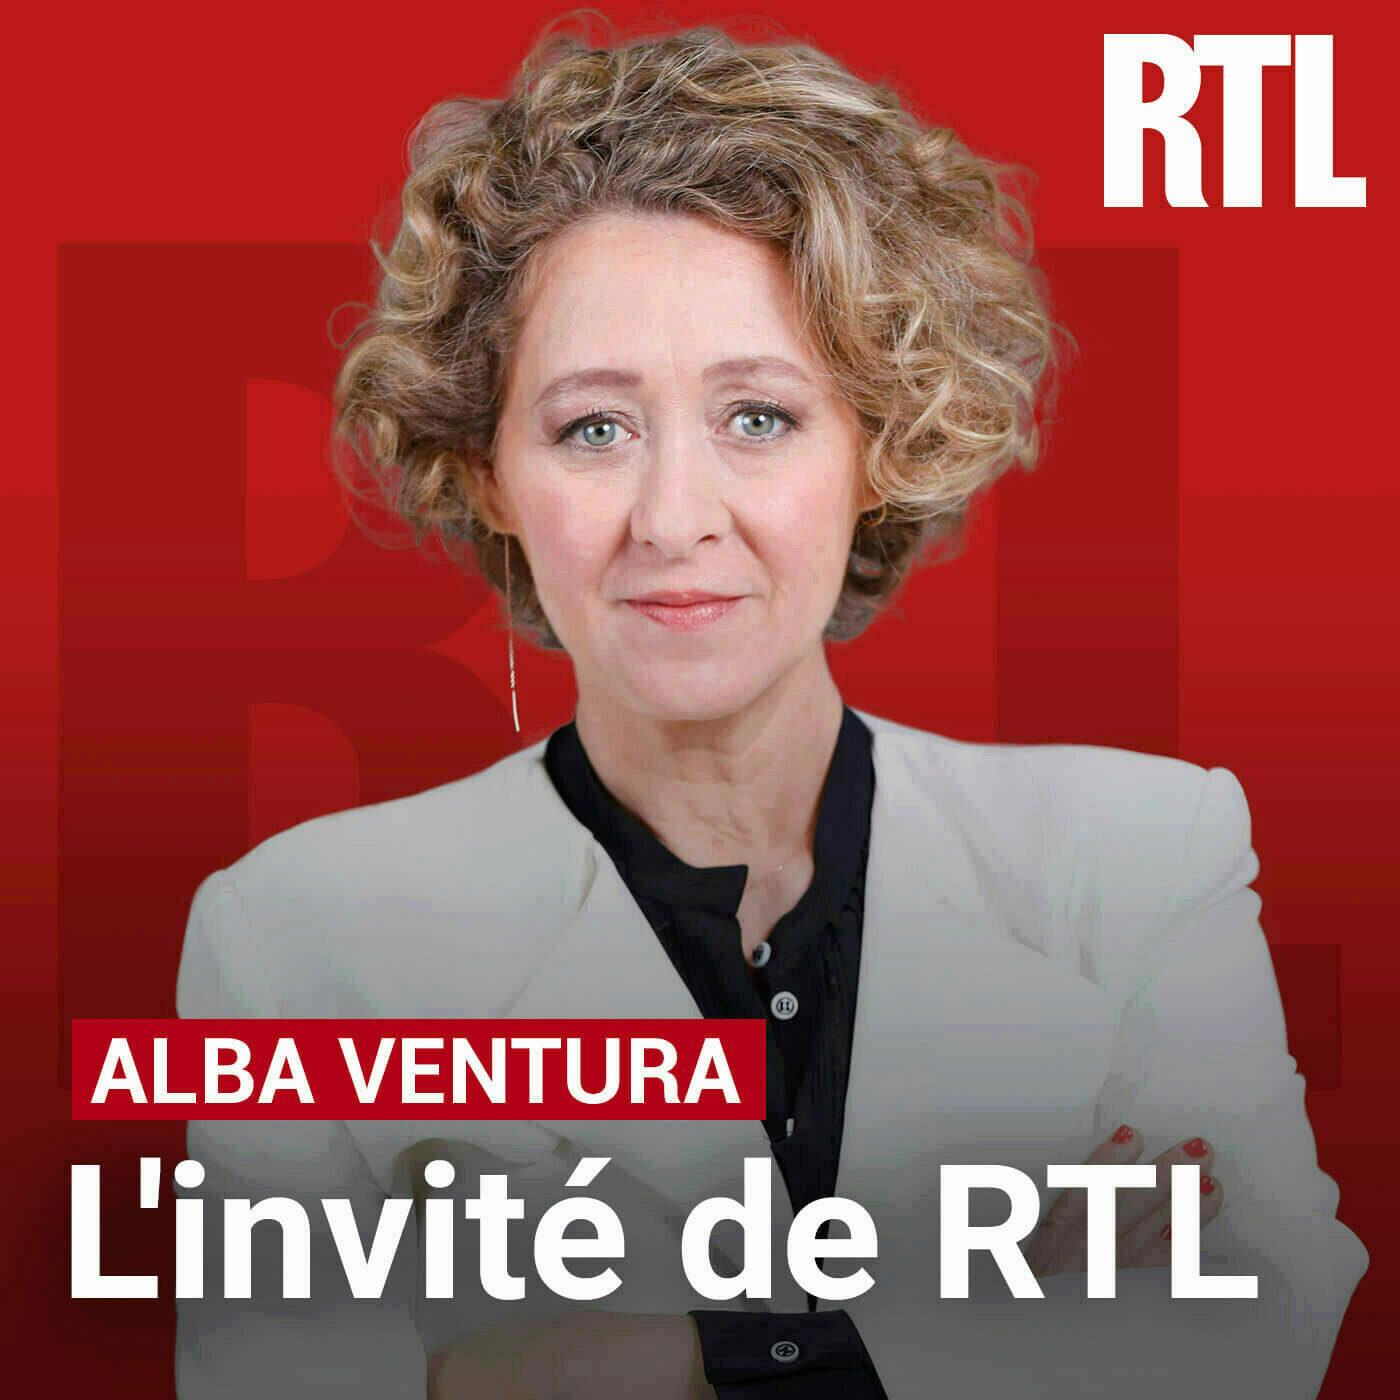 Image 1: Podcast L invite de RTL